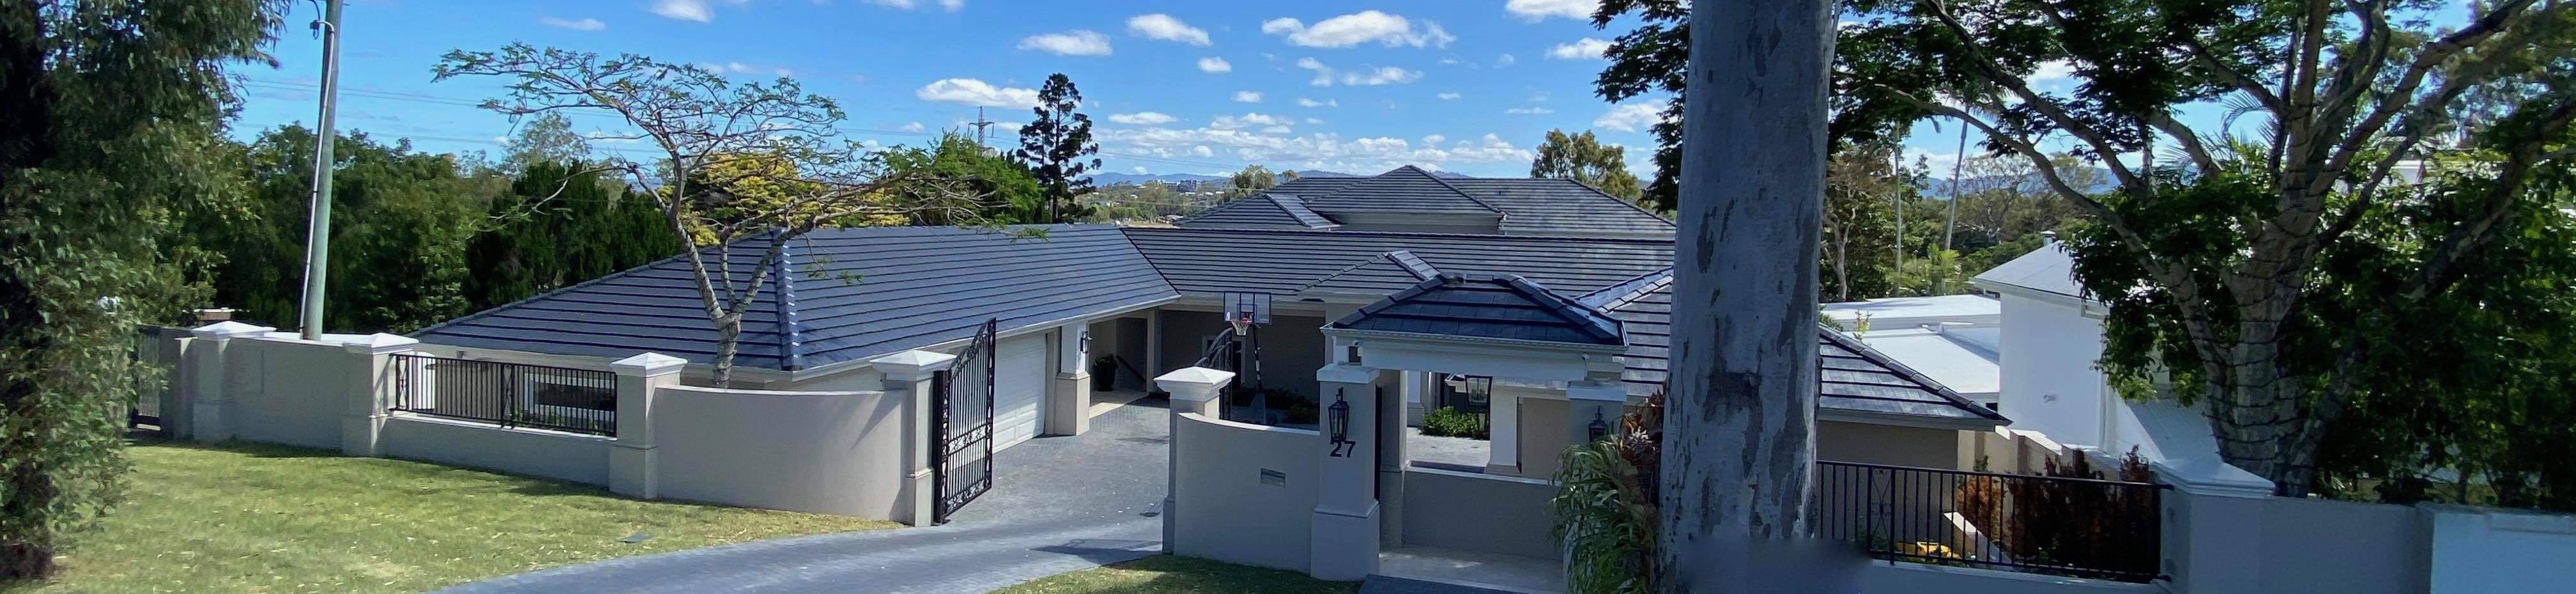 roof restorations carrara image 2